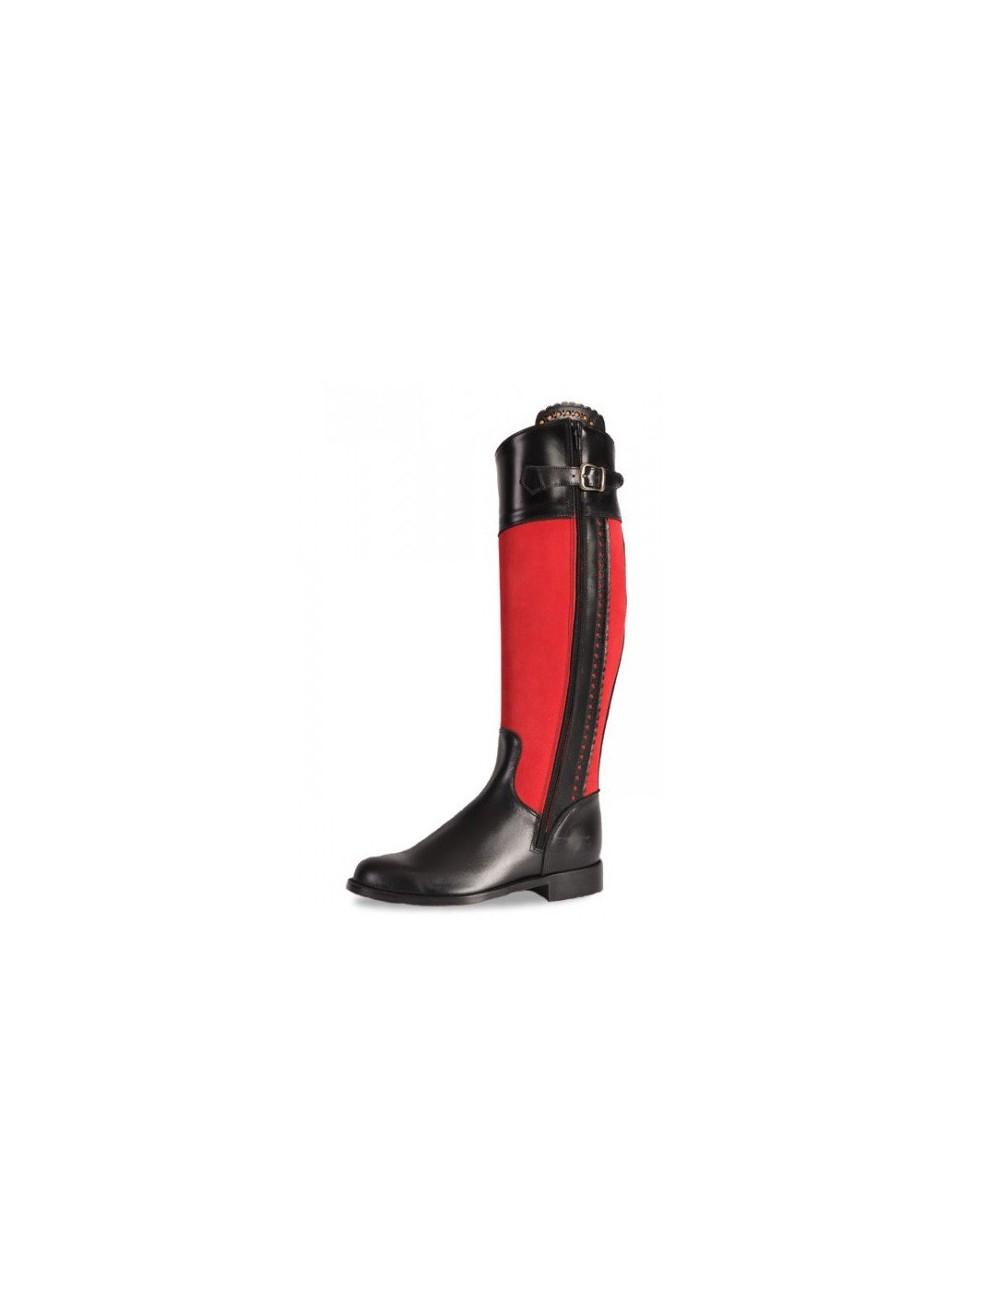 Bottes cavalières sur mesure - Bottes équitation cuir noir et rouge sur